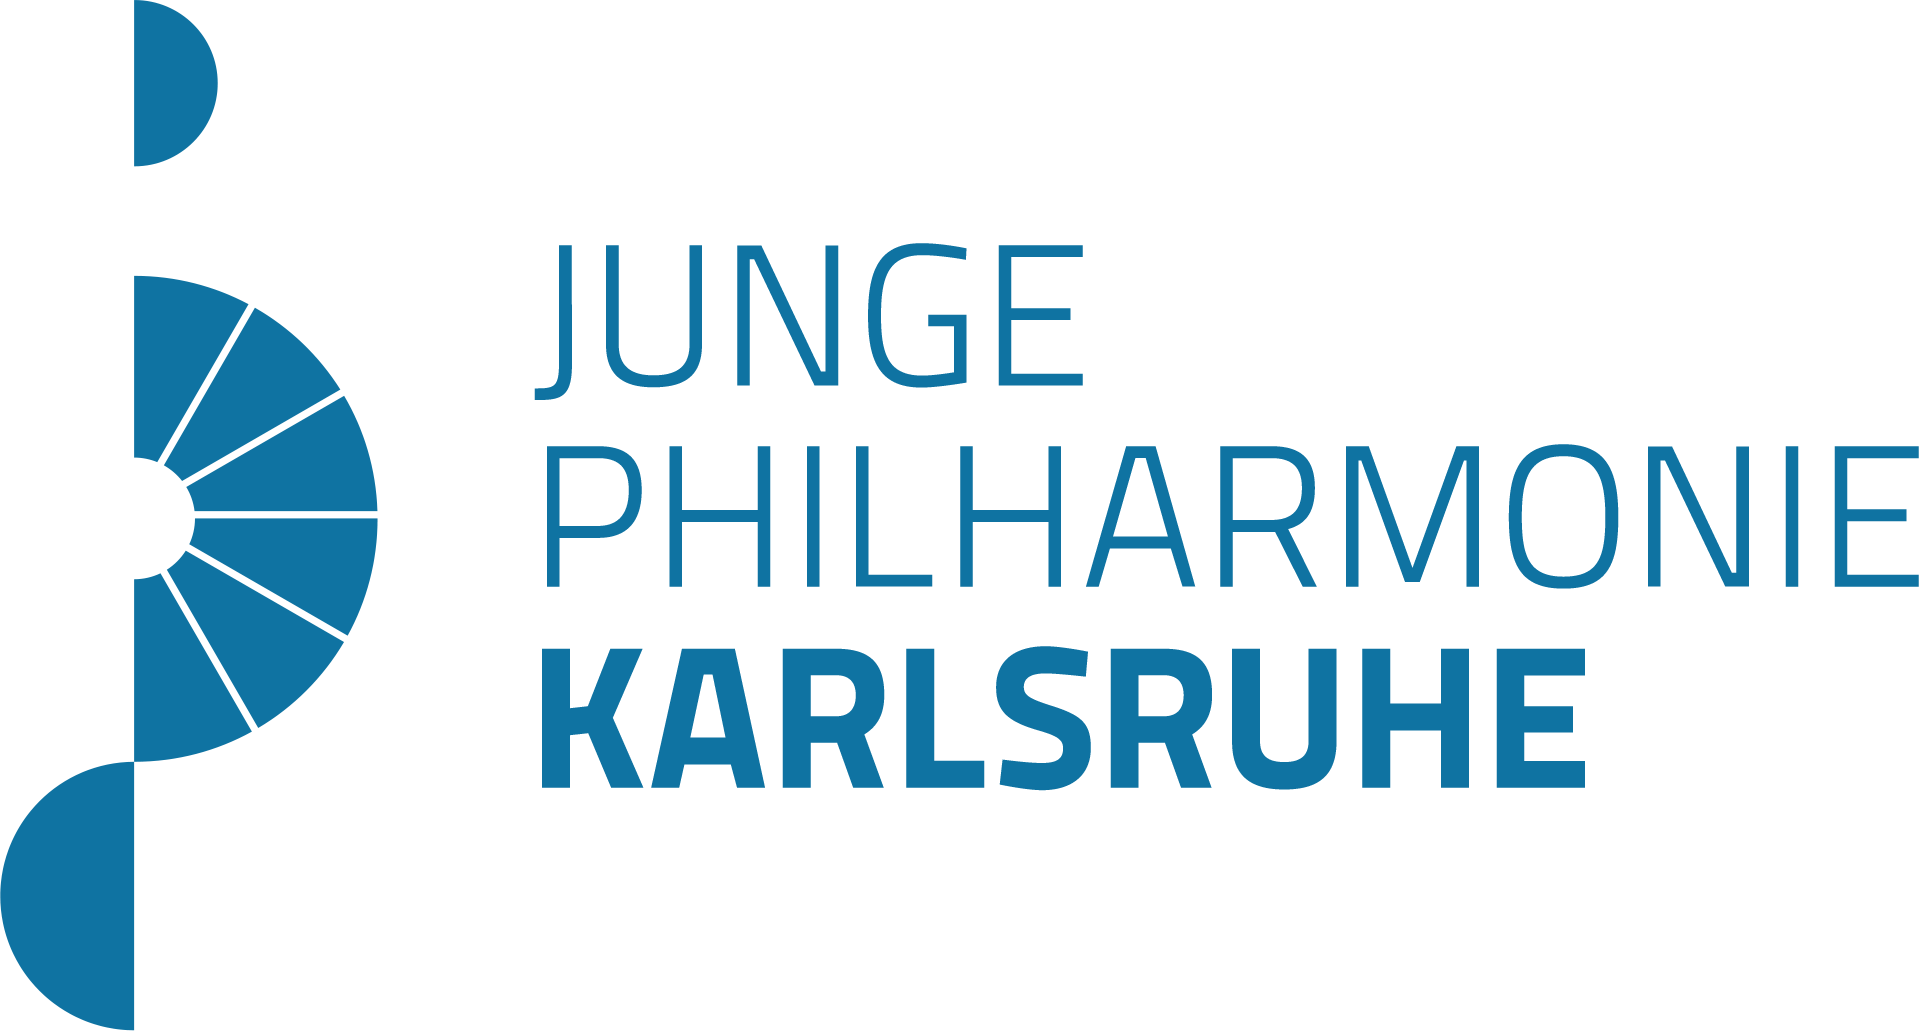 Junge Philharmonie Karlsruhe